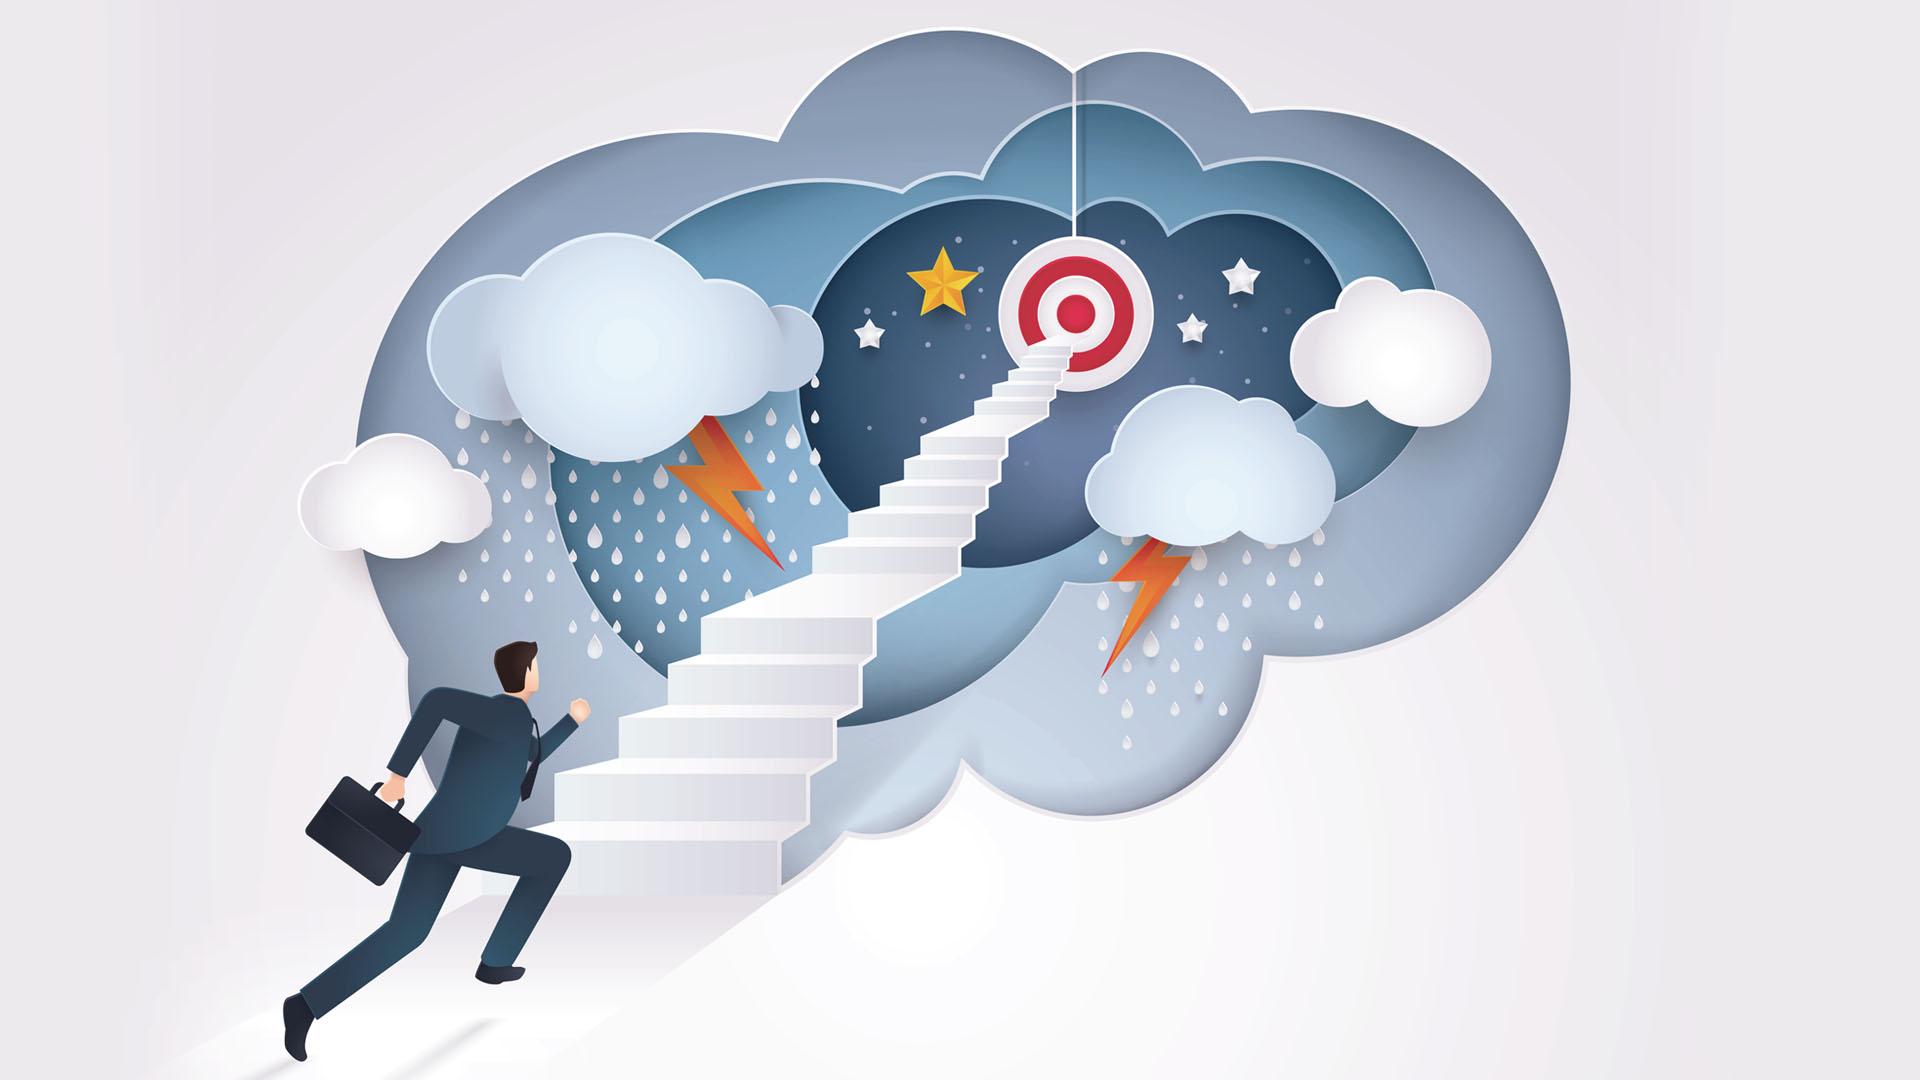 Ilustração de empreendedor sobrevivendo aos desafios do negócio próprio.